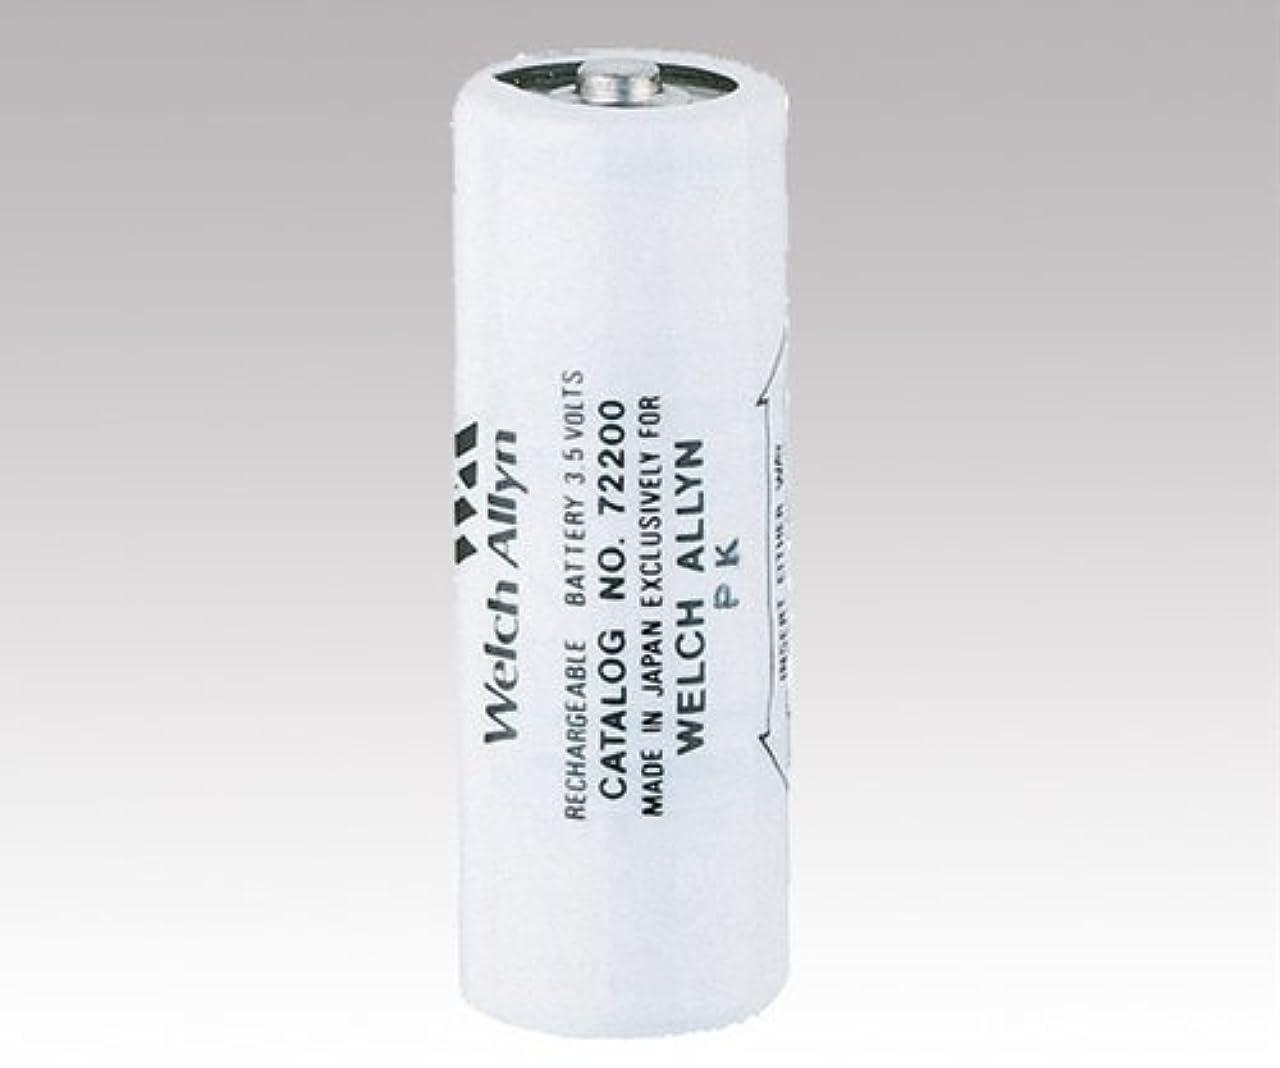 アマゾンジャングル受賞静けさウェルチ?アレン 充電電池[交換用] 3.5Vニッカドハンドル(71670)用 72200 / 0-8230-08